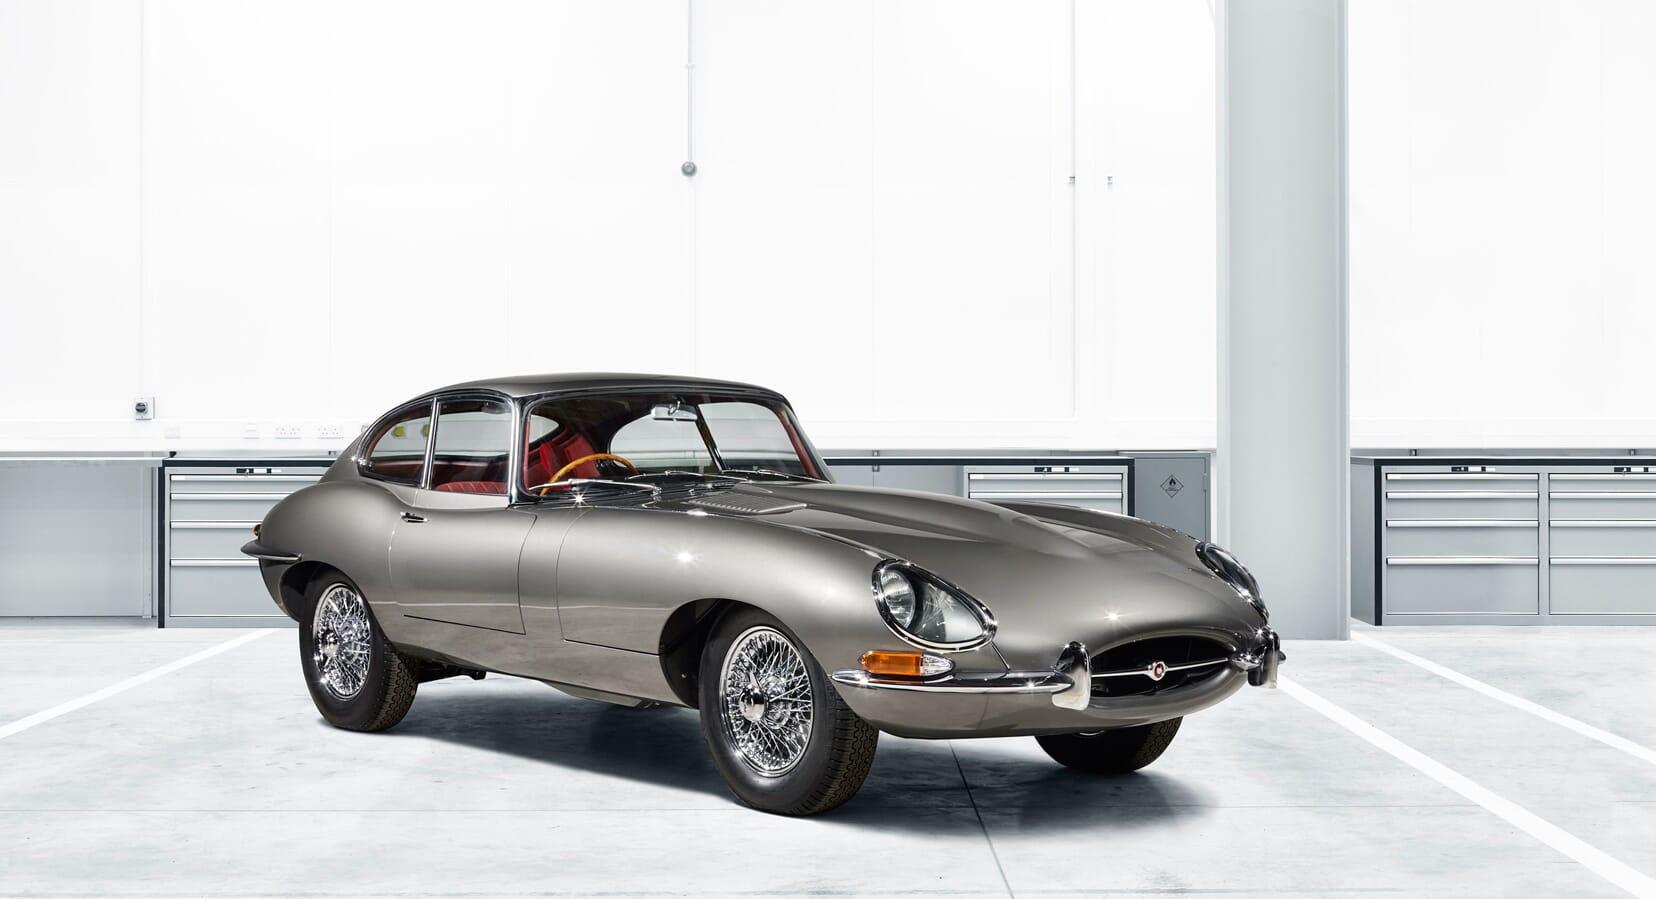 Jaguar Is Bringing Back 10 'Reborn' E-Types